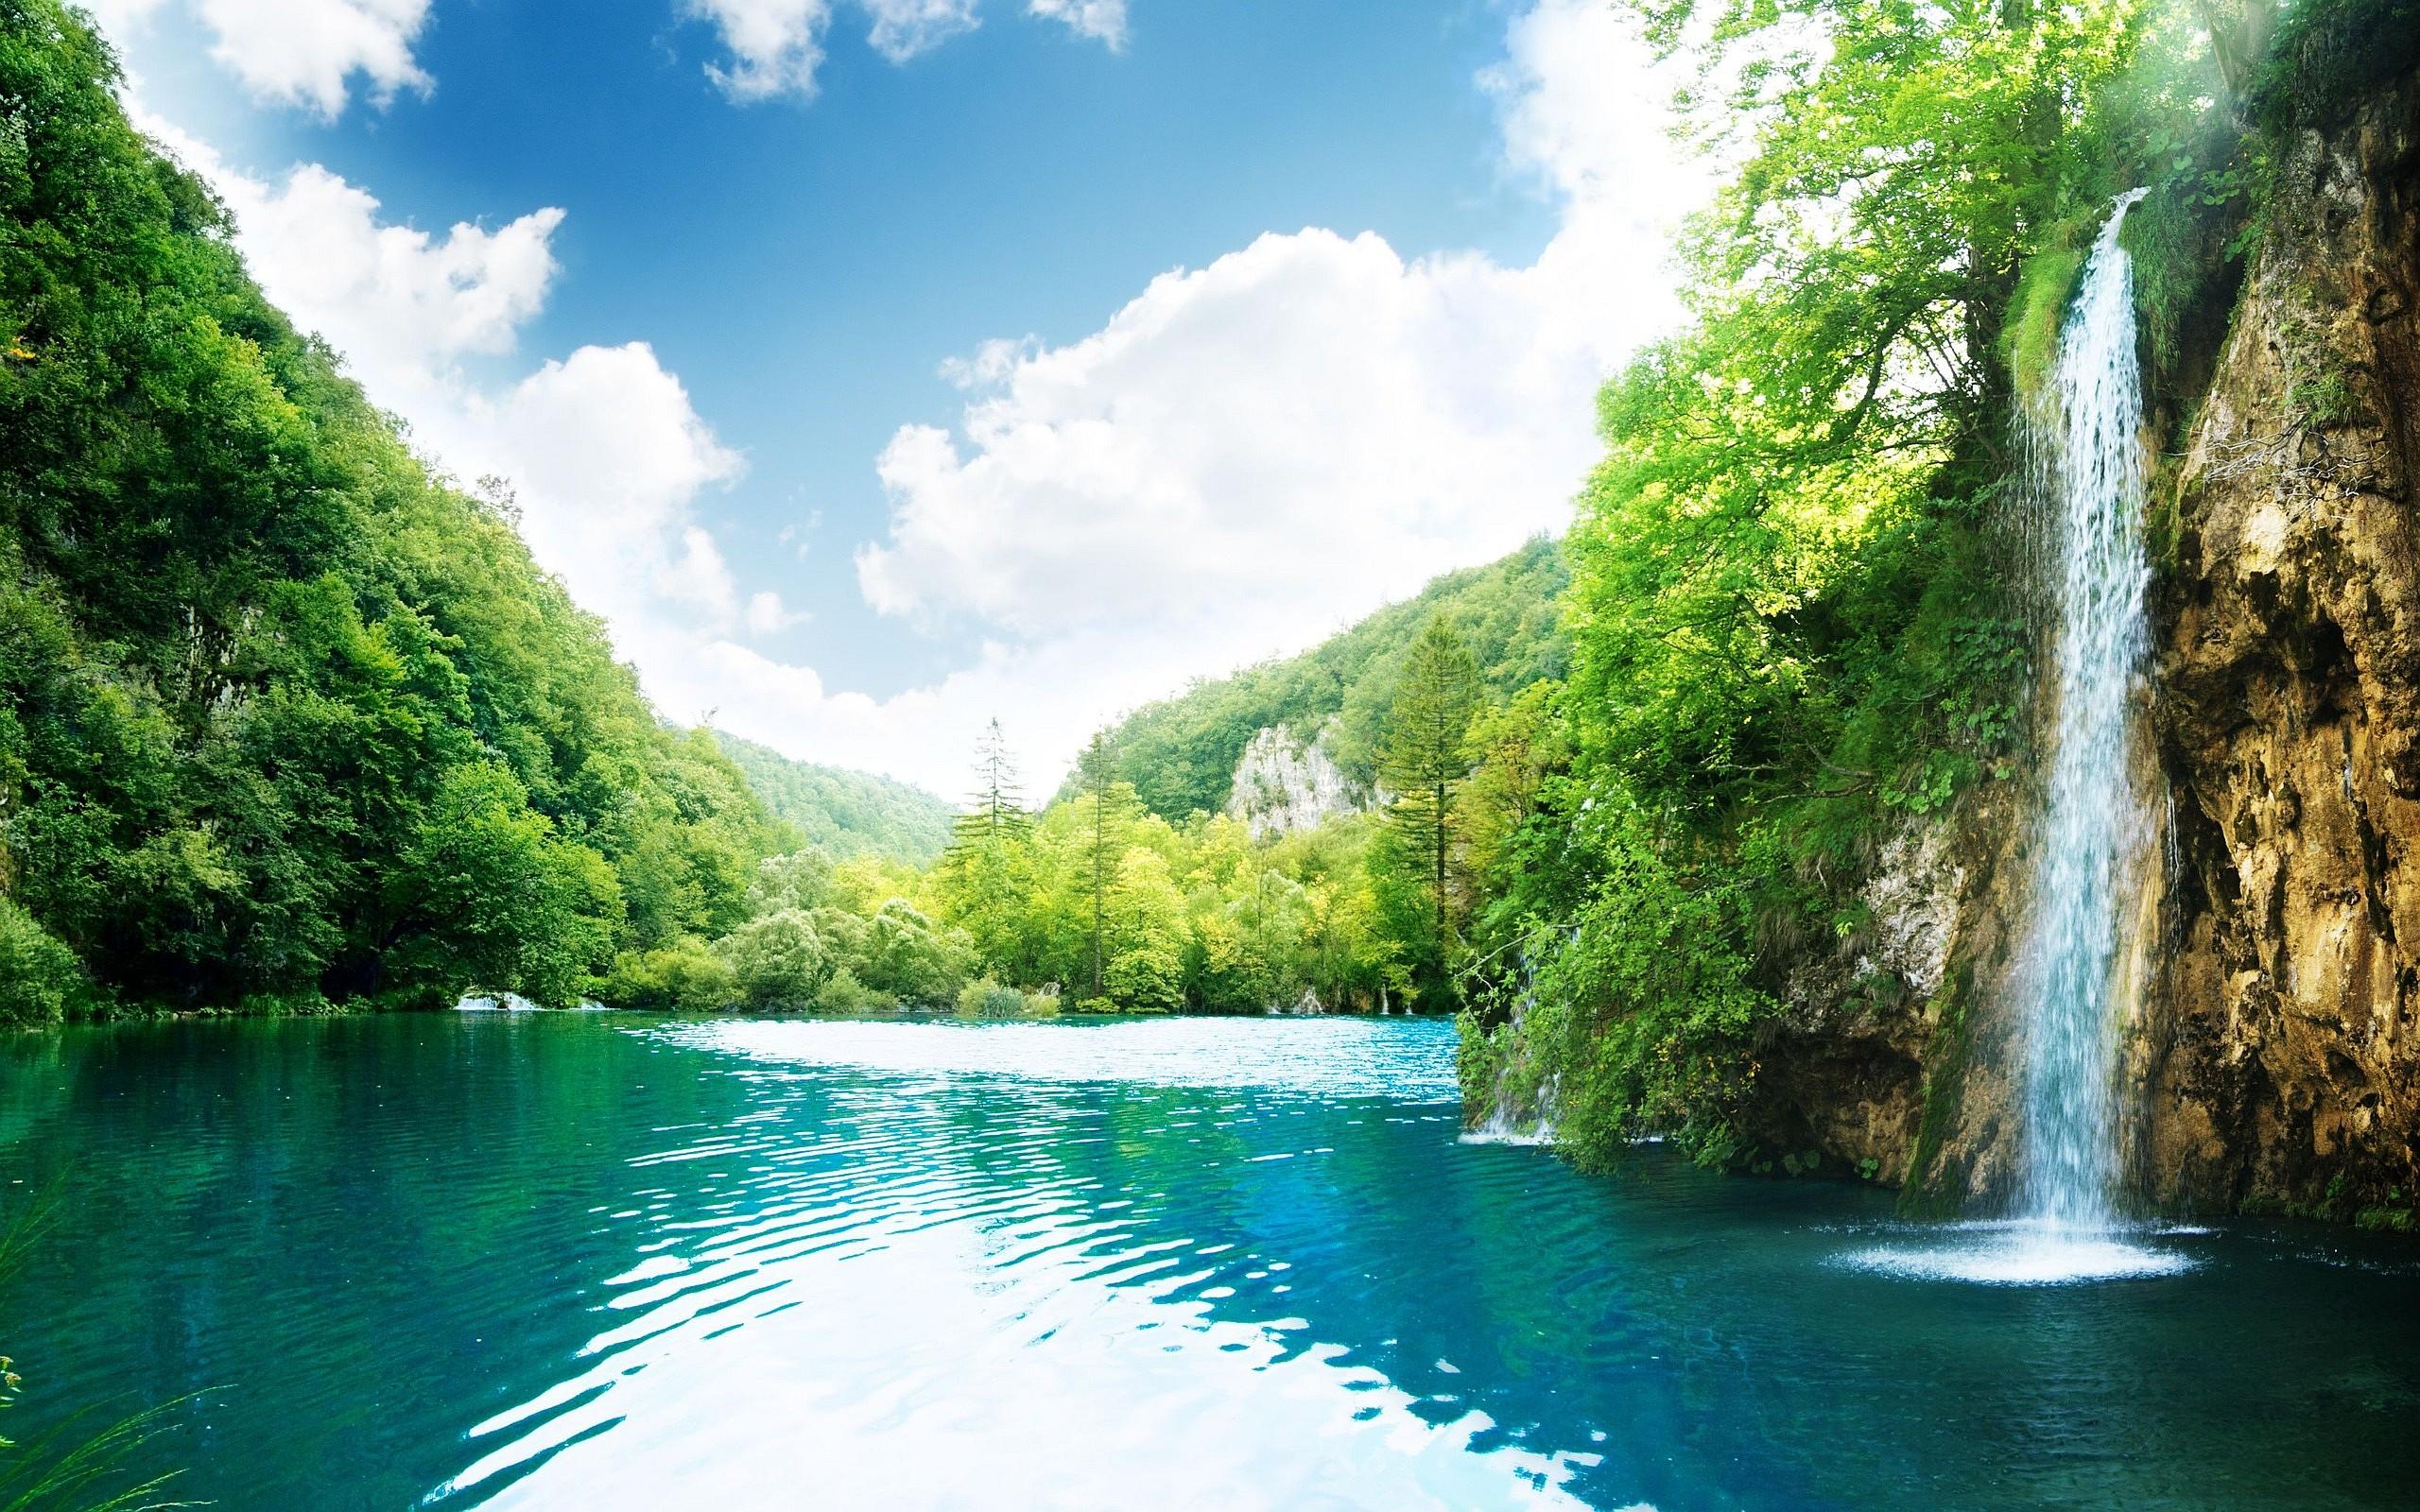 Waterfall Wallpapers Landscape Hd Desktop Wallpapers 4k Hd